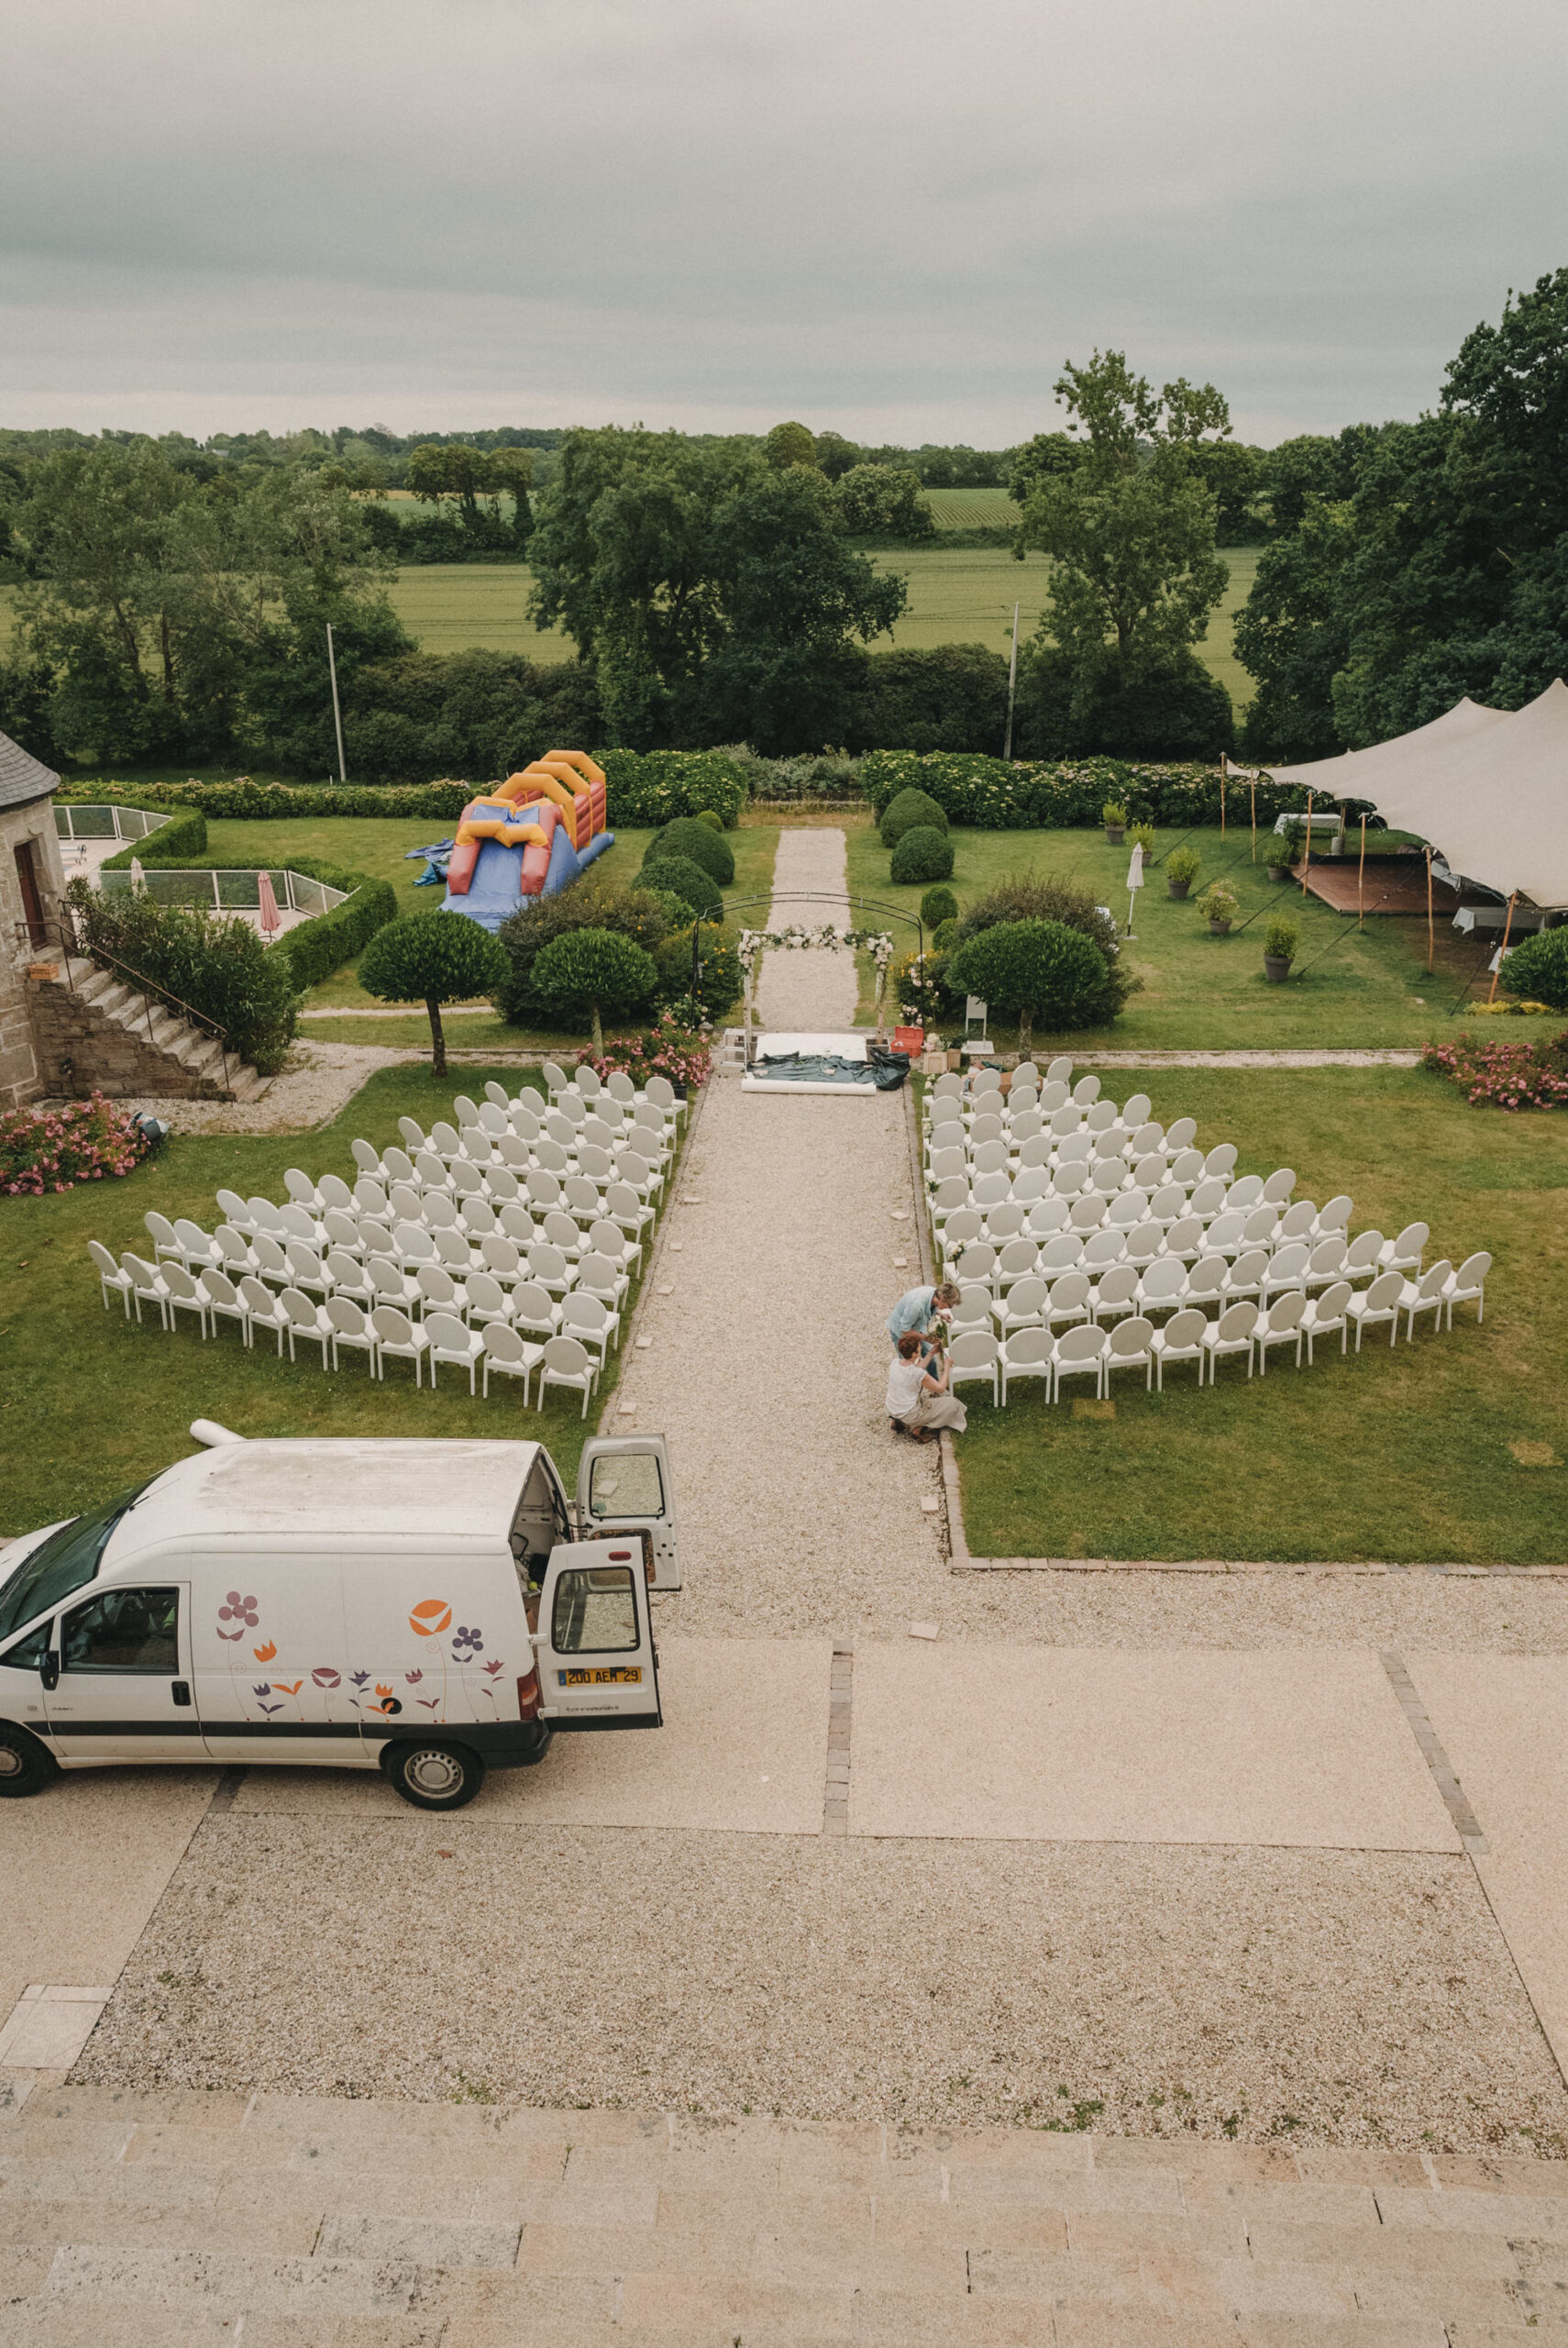 Photo De Mariage Au Manoir De Kerhuel A Plouneour Lanvern De Perle Danilson Par Antoine Borzeix 47 Scaled, Photographe & Videaste à Brest / Finistère